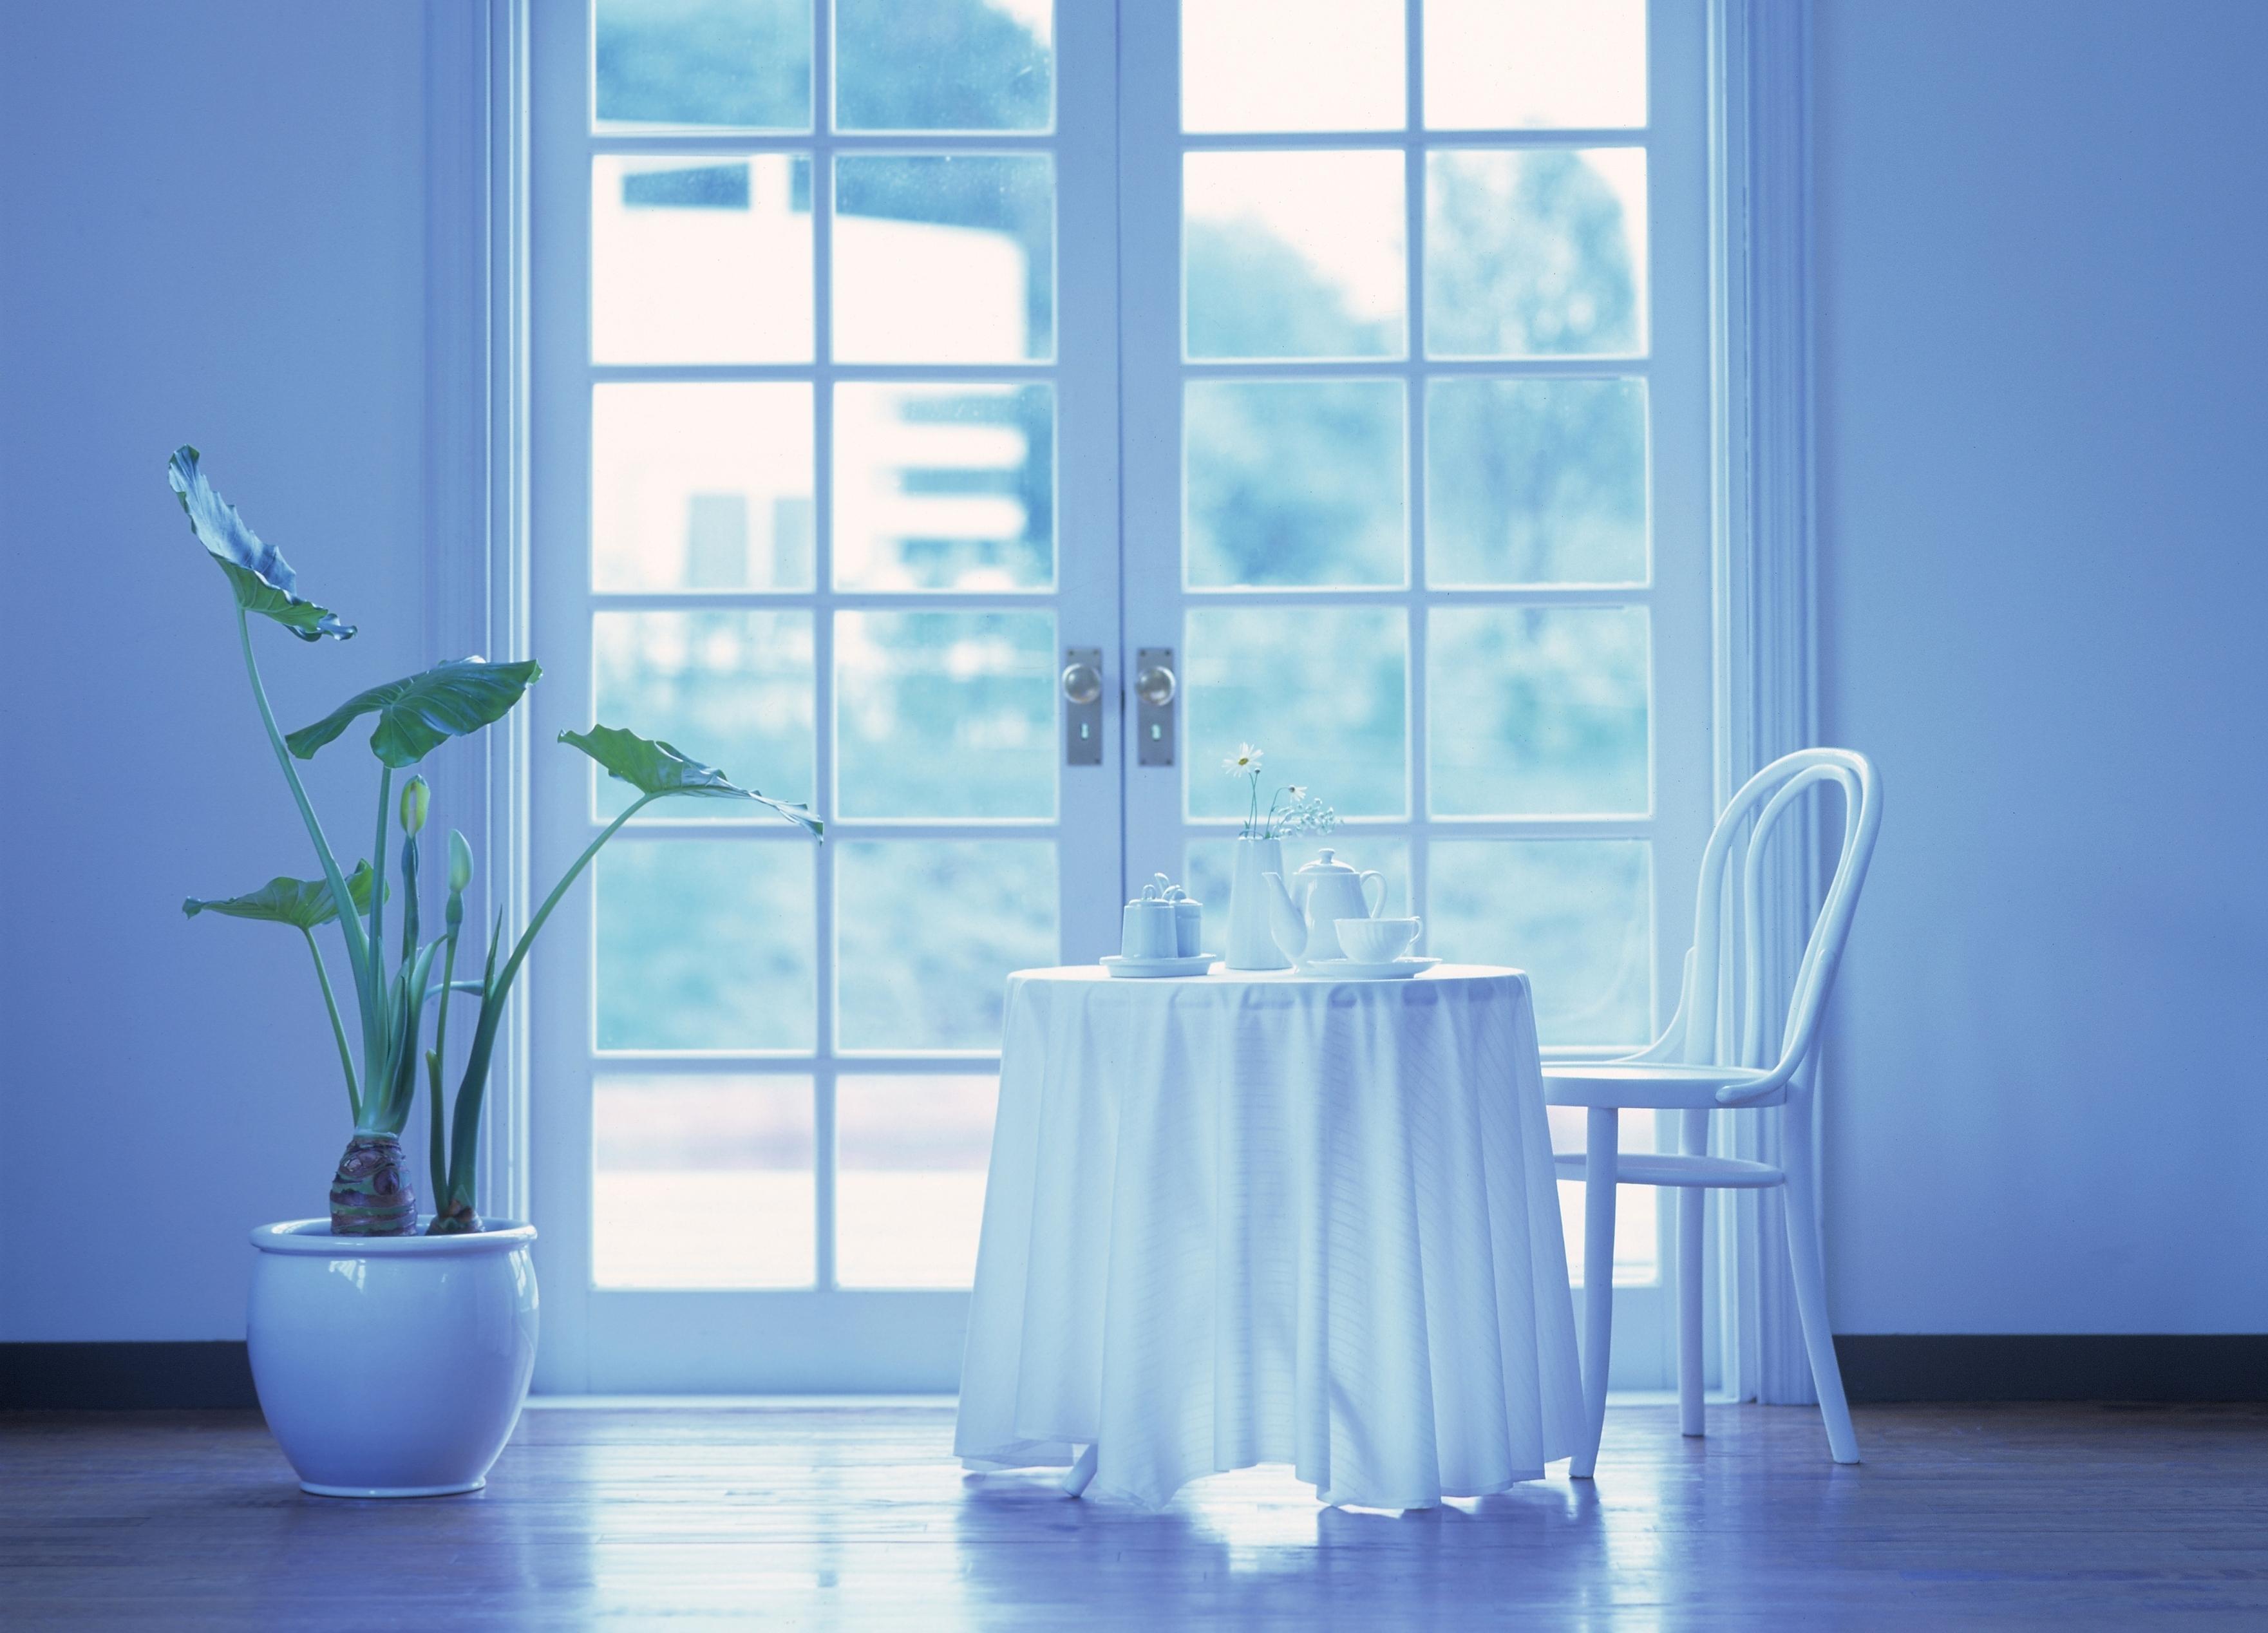 интерьер стол окно interior table window скачать